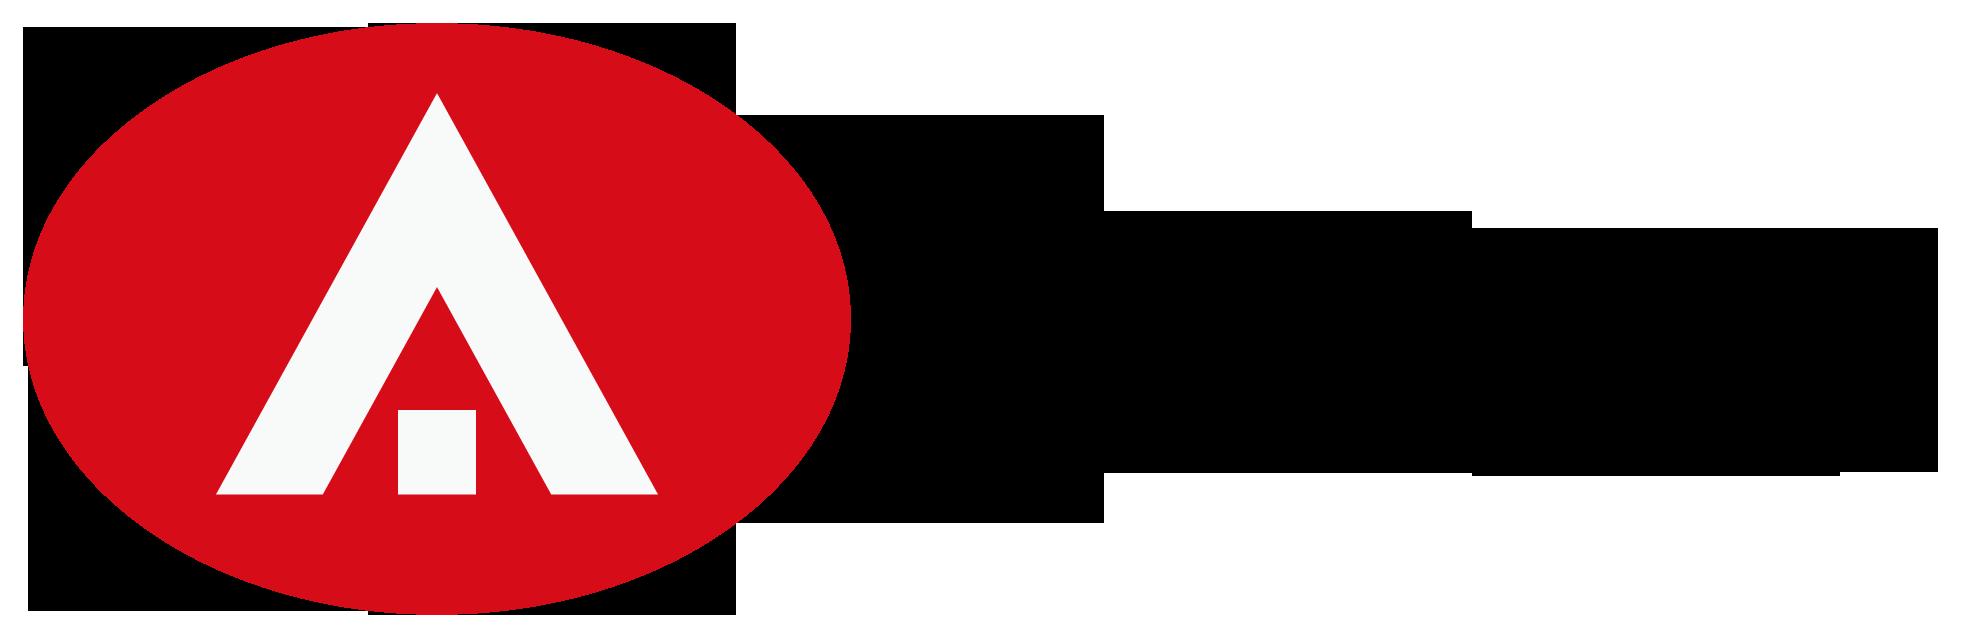 士業全般とシンプルと赤のロゴ